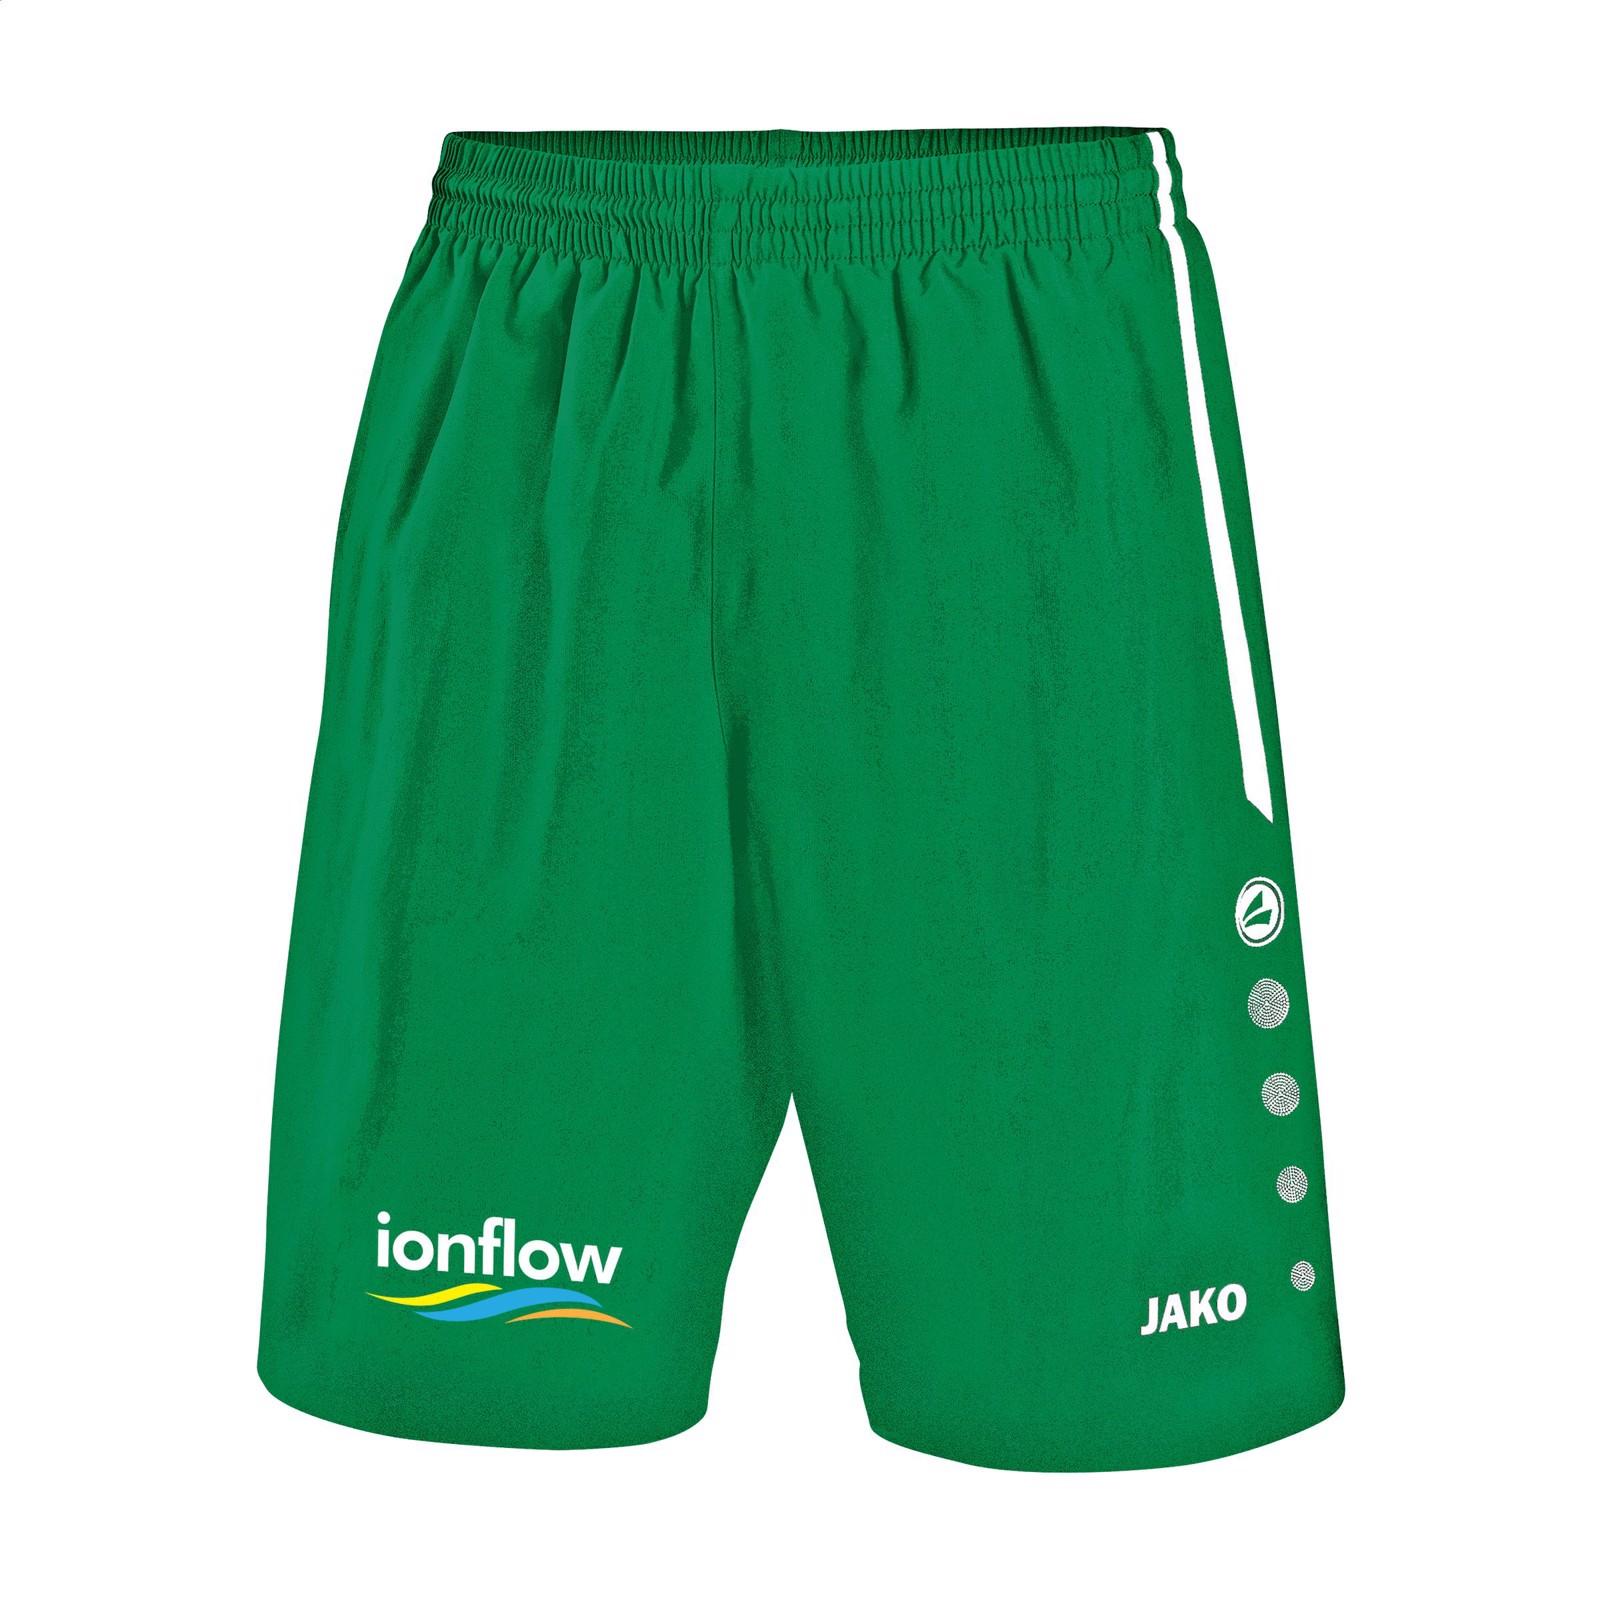 Jako® Shorts Turin mens - Green / White / S